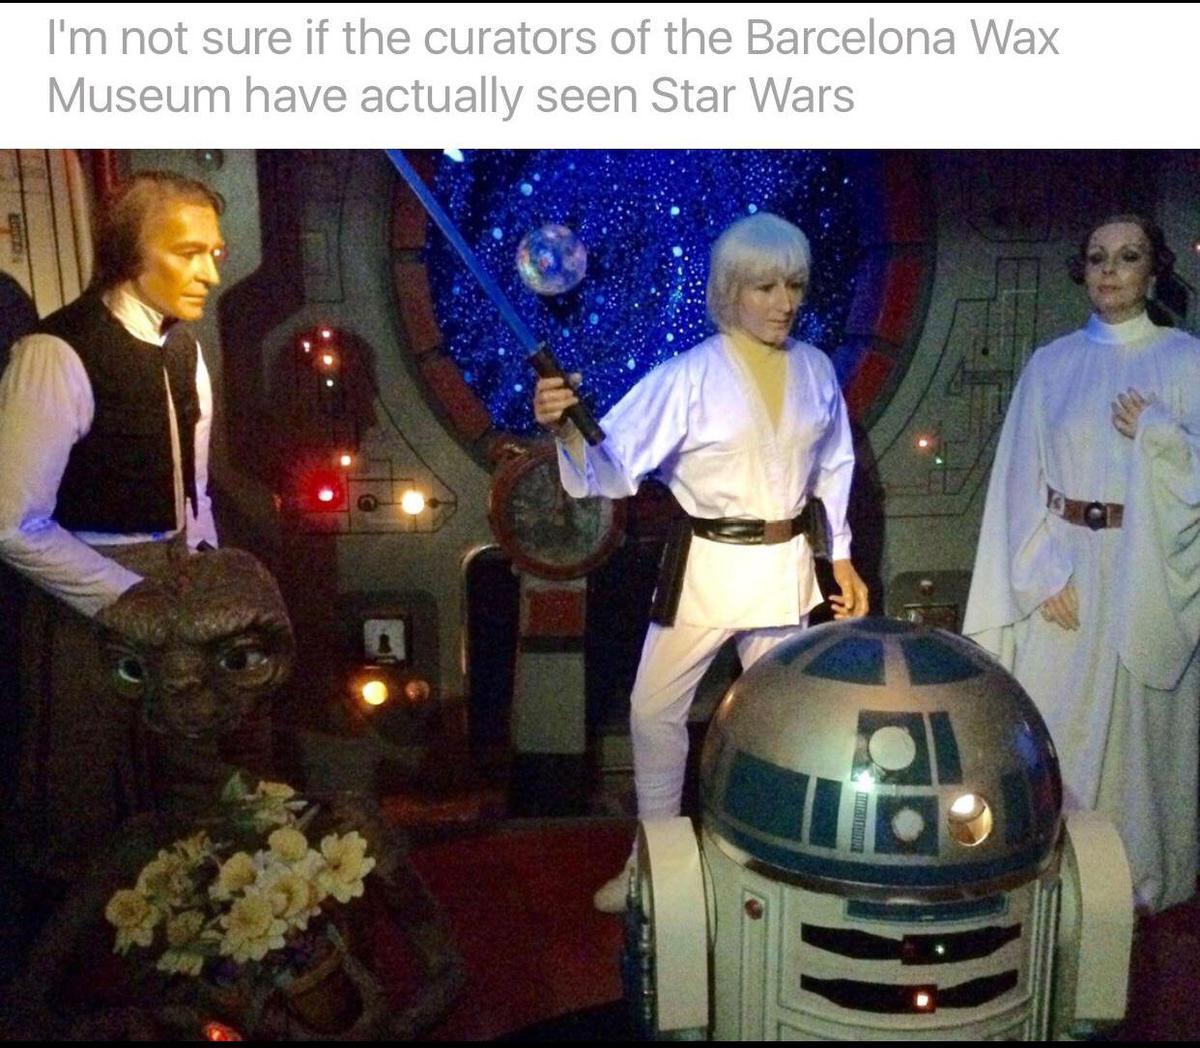 Я не уверен, что куратор Барселонского музея восковых фигру смотрел фильм